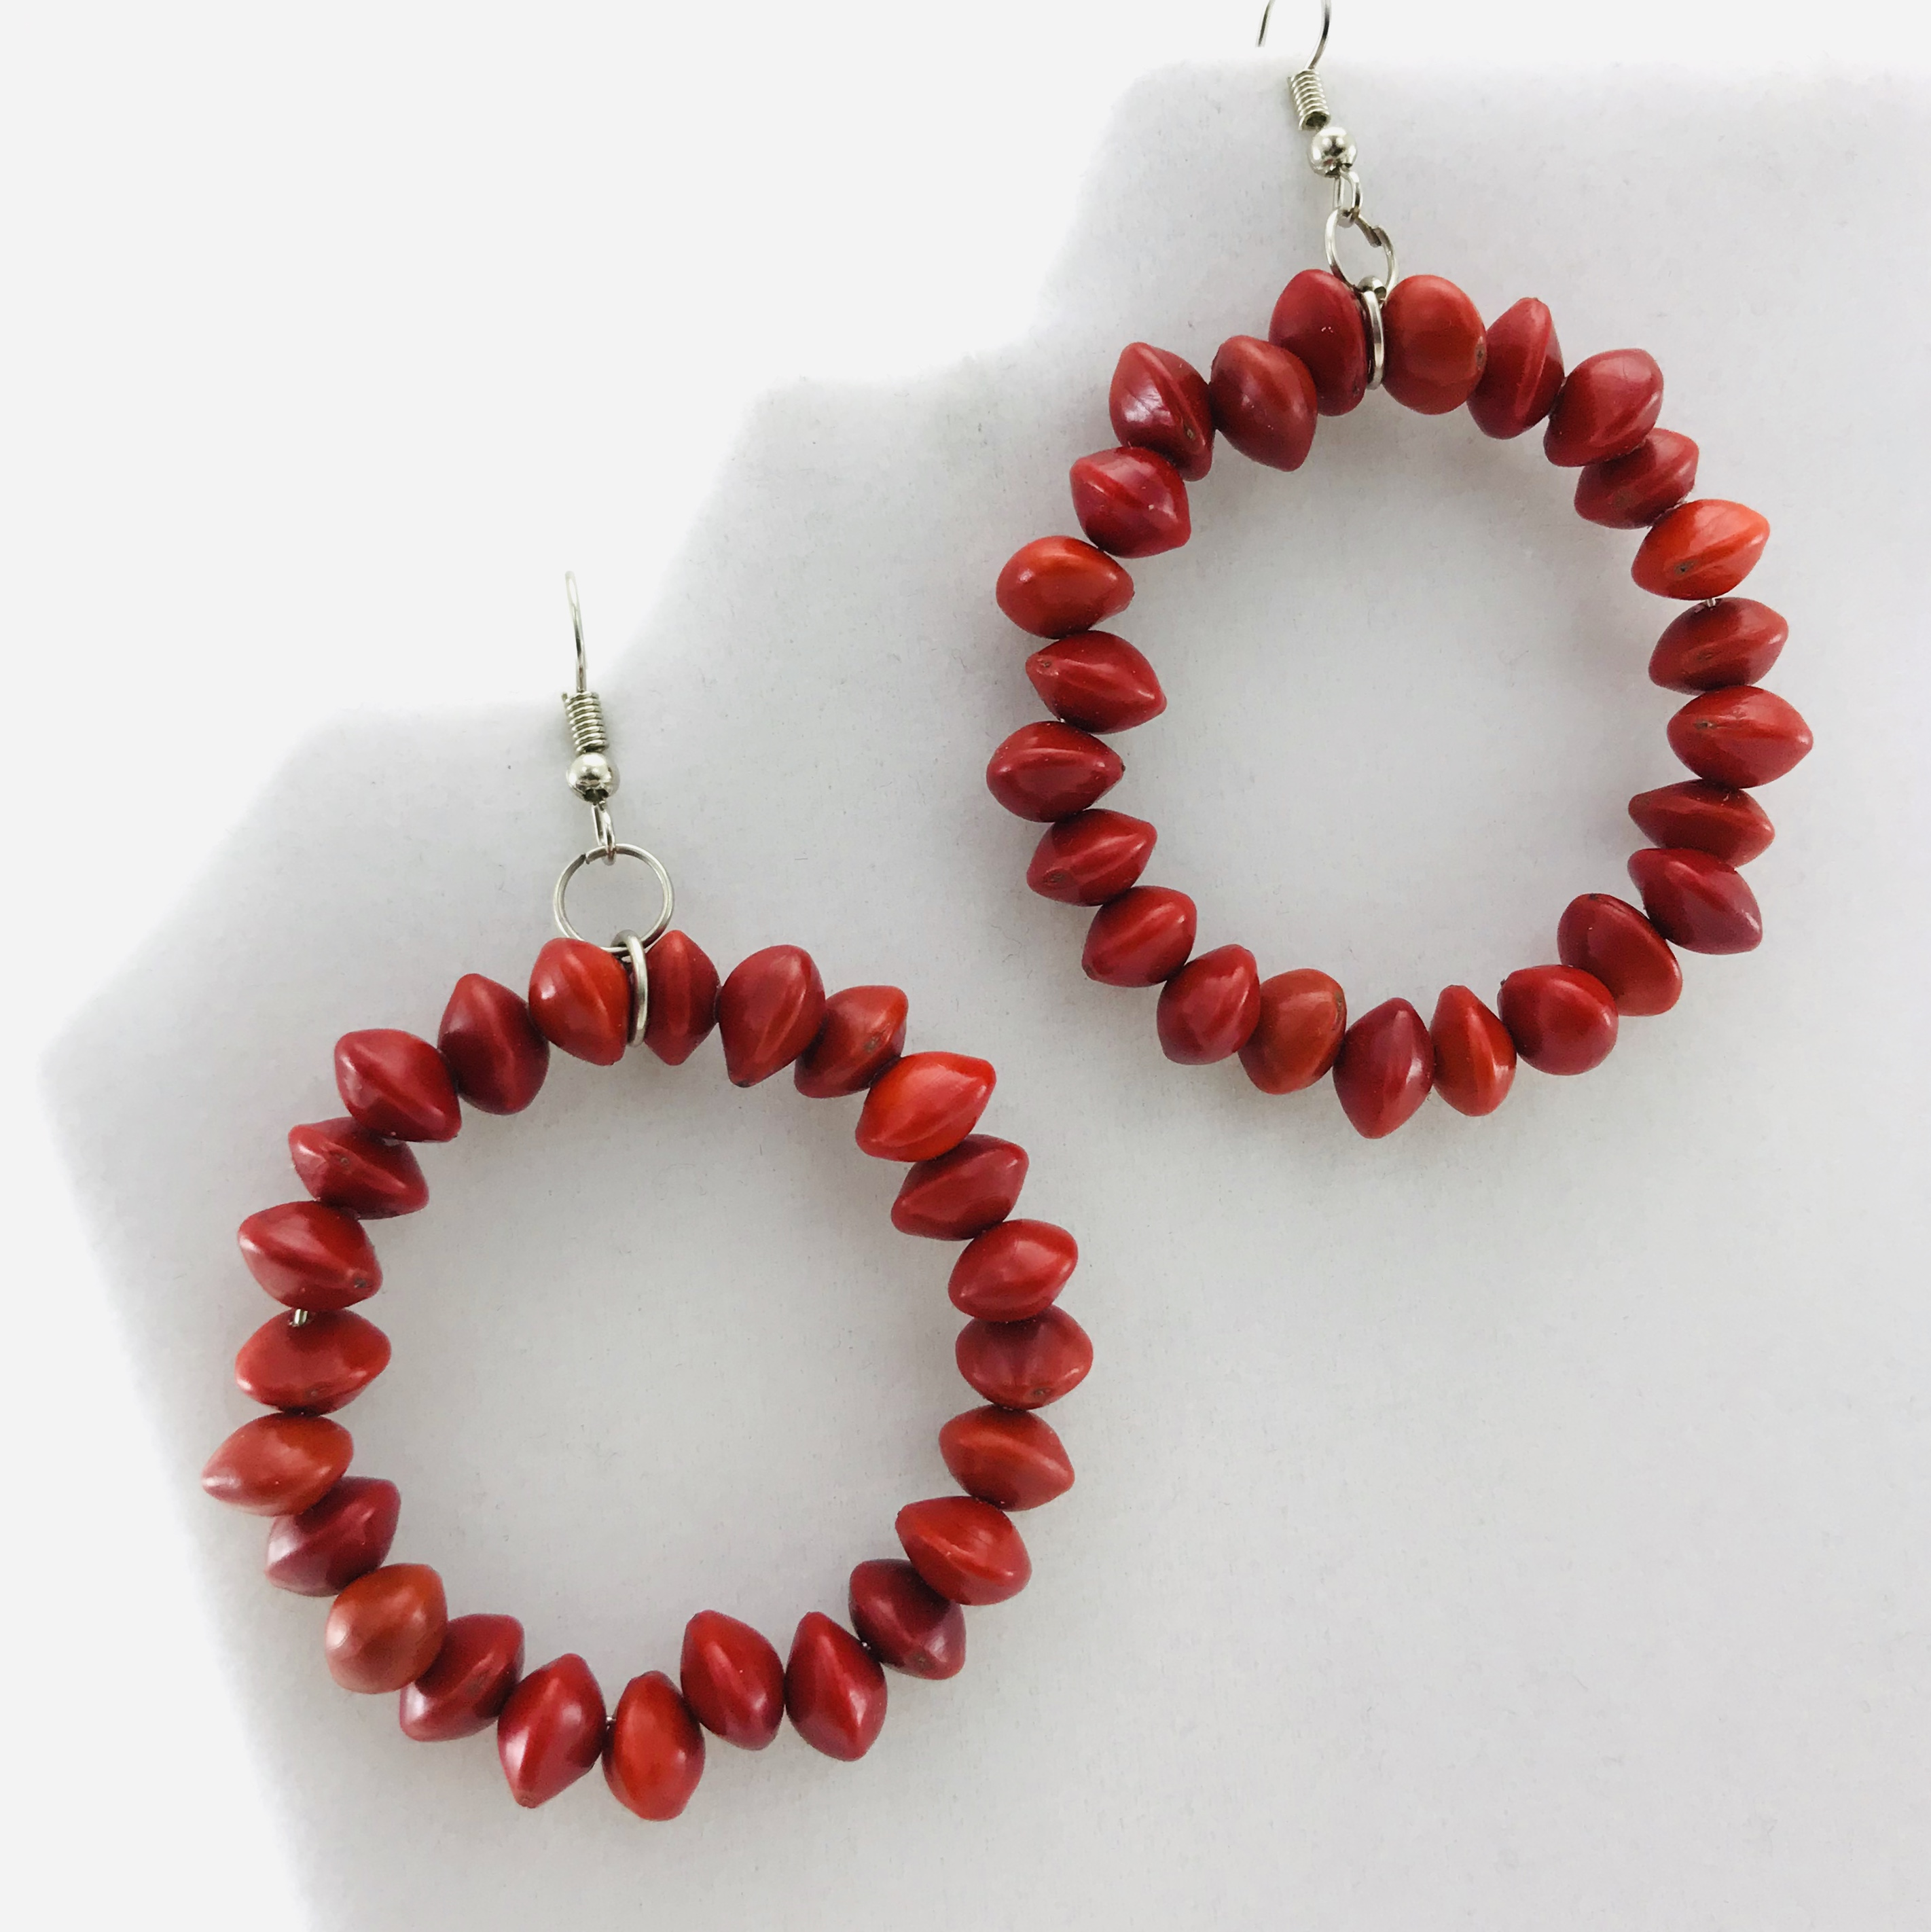 Les Boucles d'oreilles - Cercle - Rouge